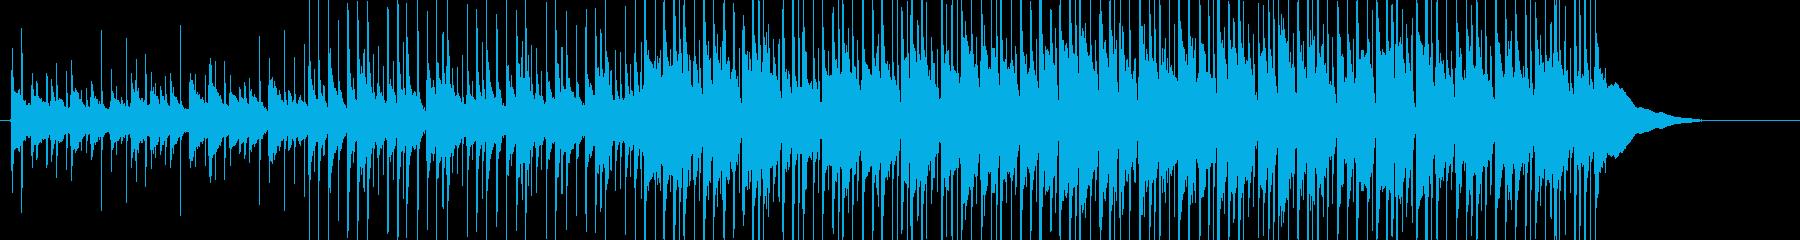 三線を用いたのんびり沖縄風ポップの再生済みの波形